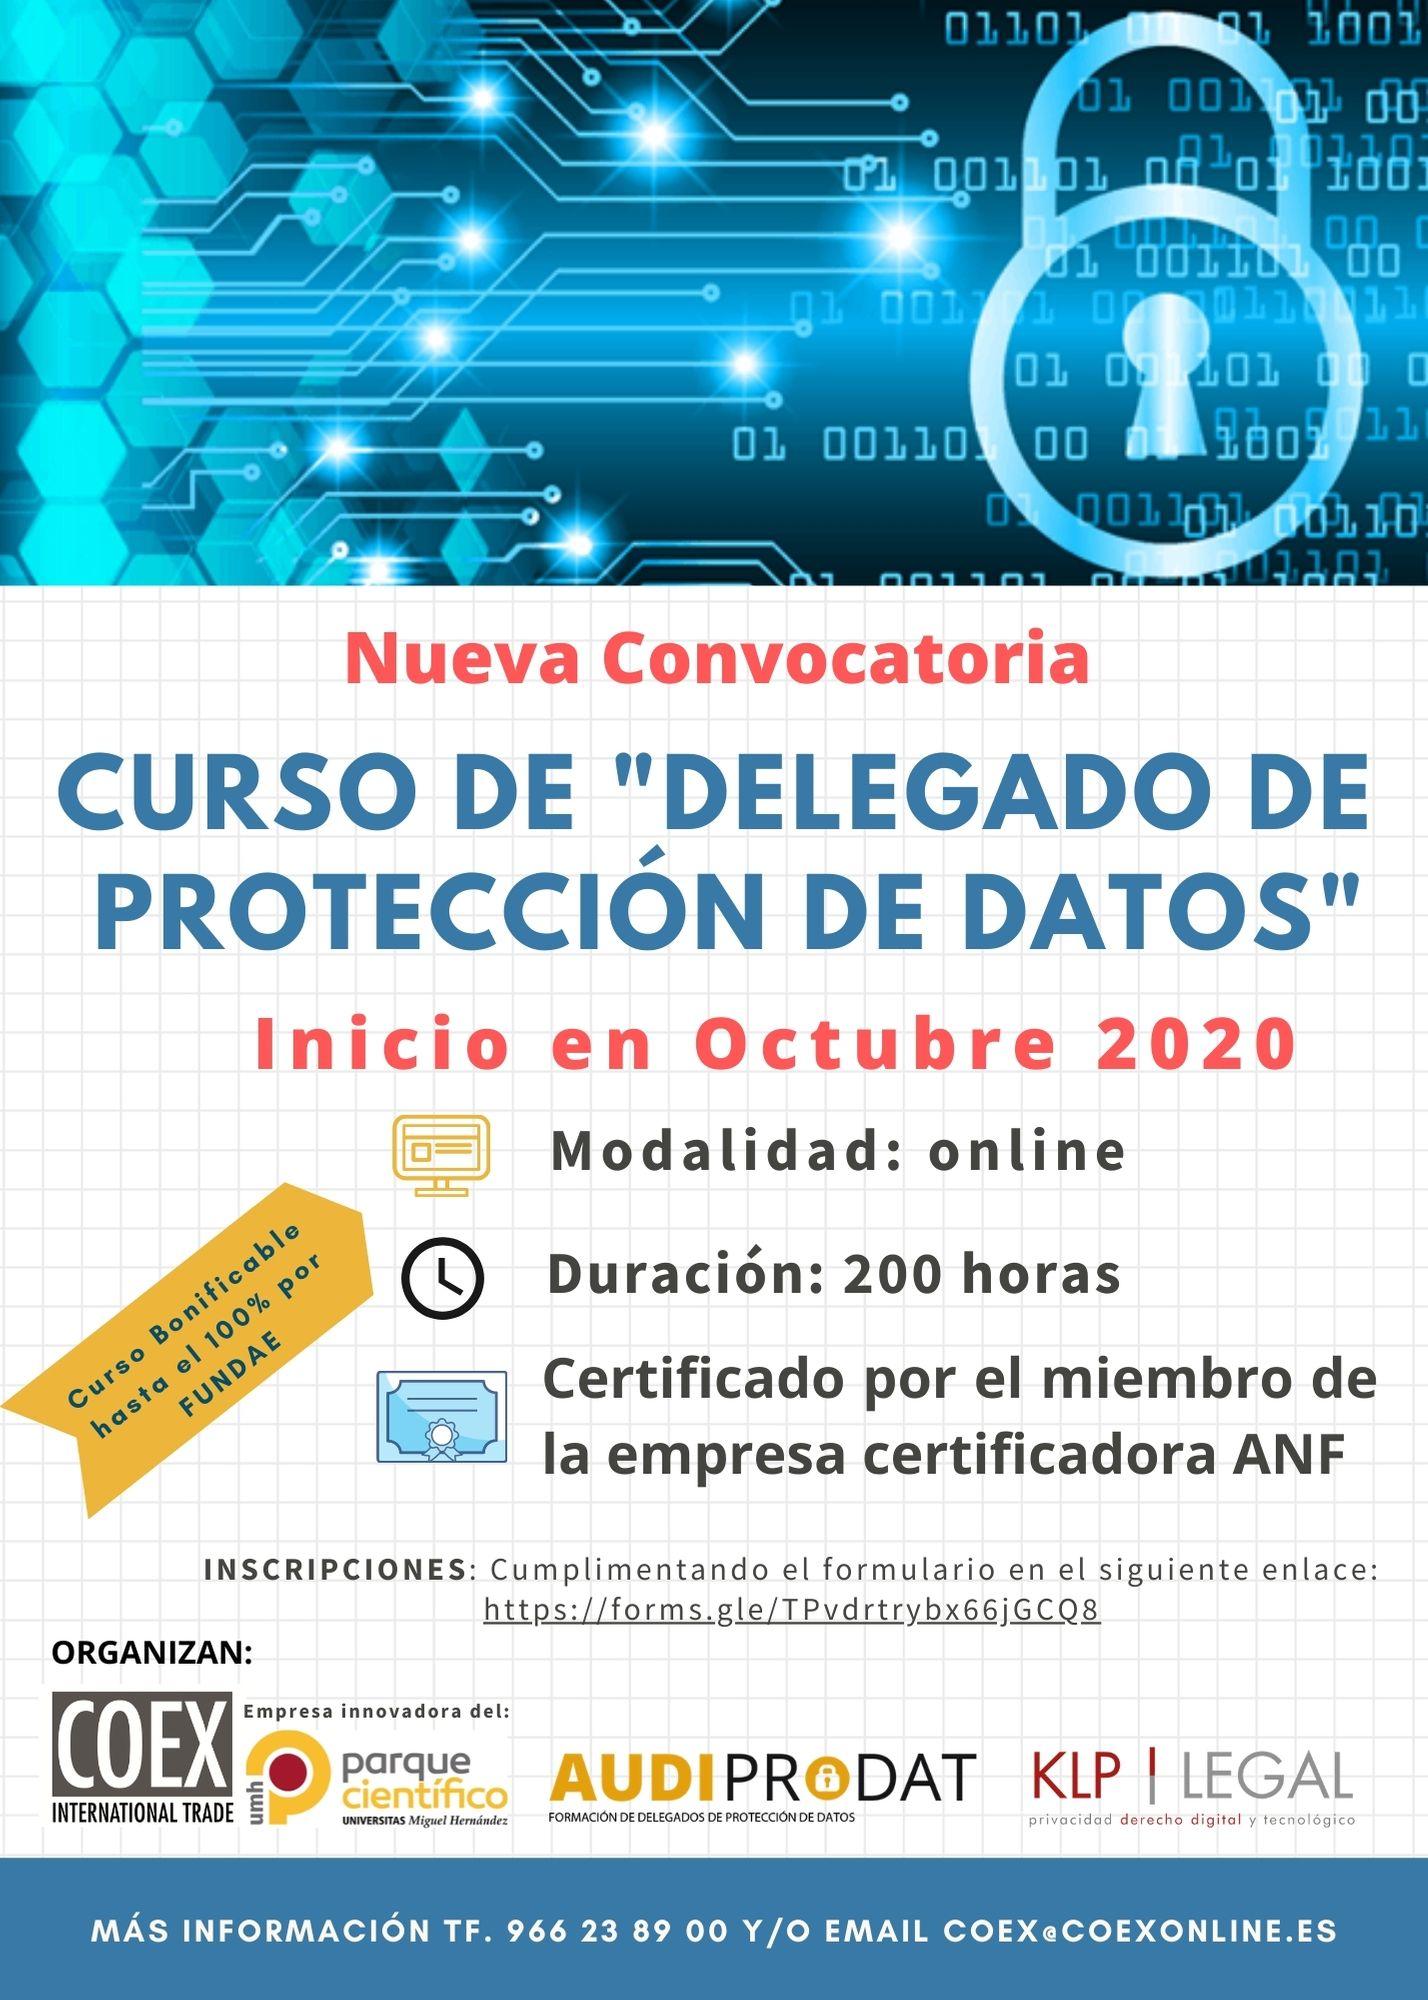 NUEVA CONVOCATORIA CURSO DE DELEGADO DE PROTECCIÓN DE DATOS